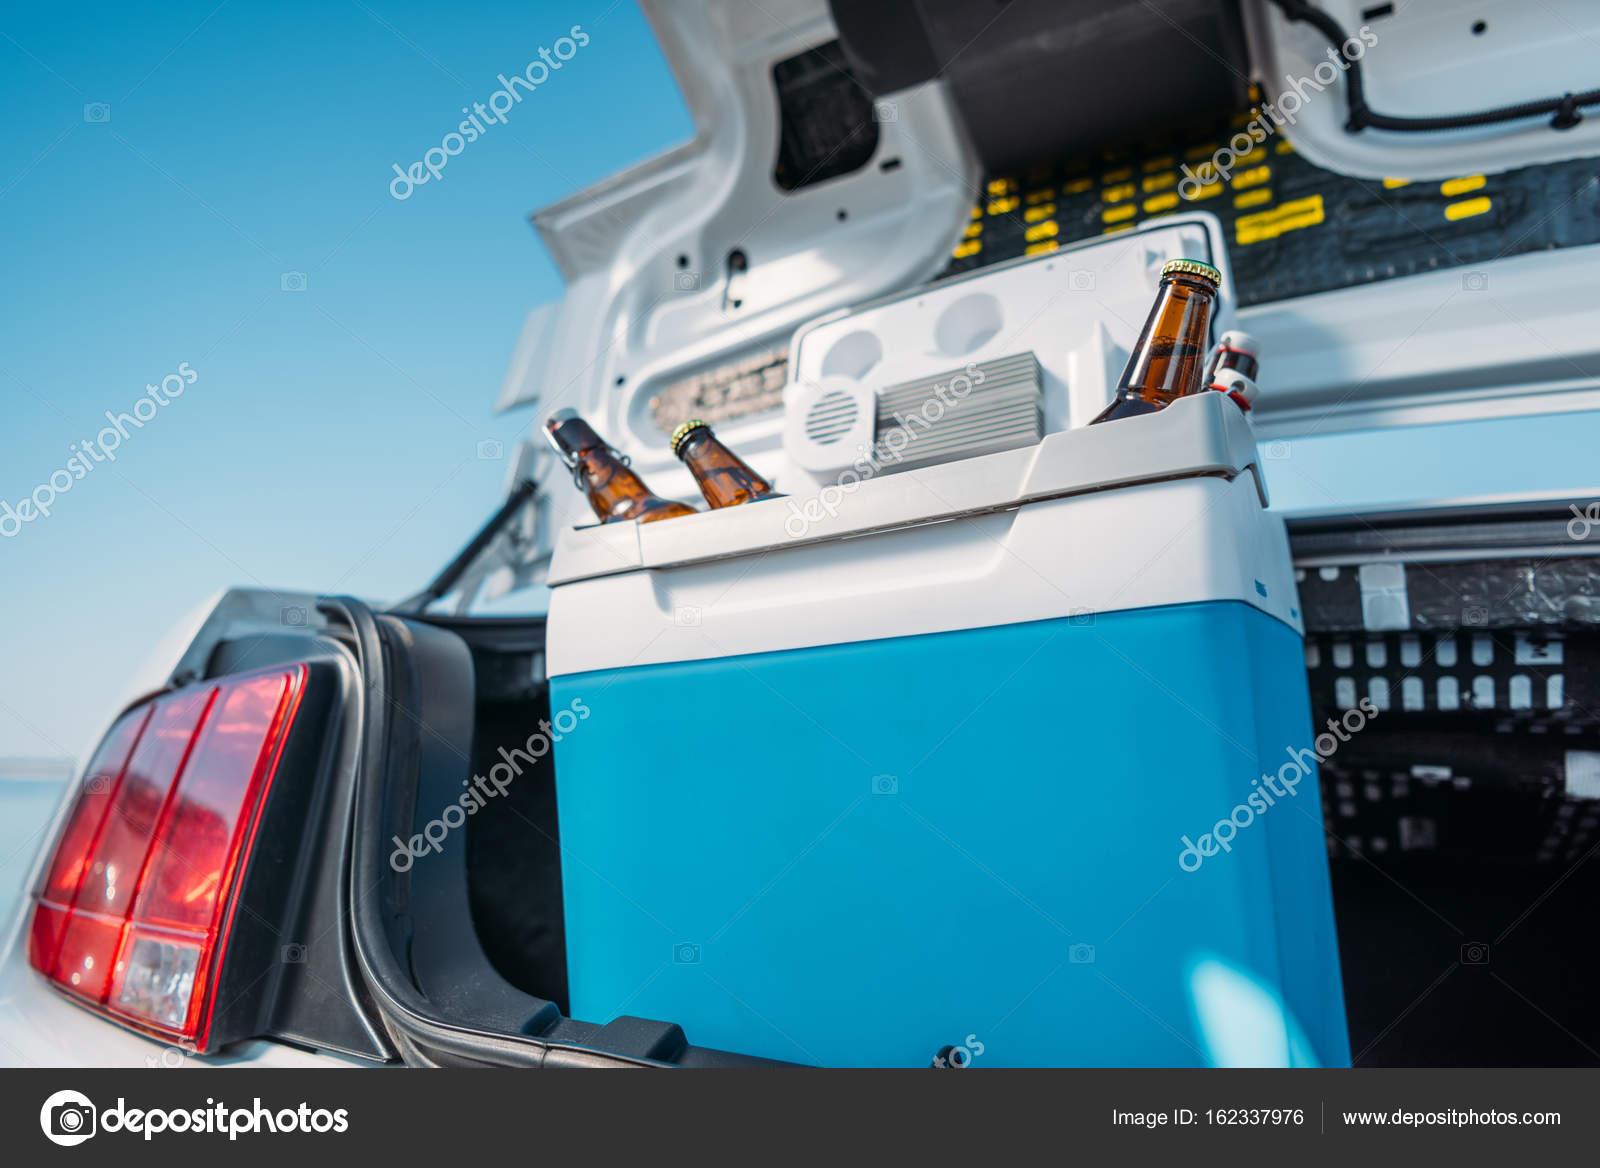 Auto Kühlschrank : Internet der dinge auto kühlschrank kleidung u alles kann